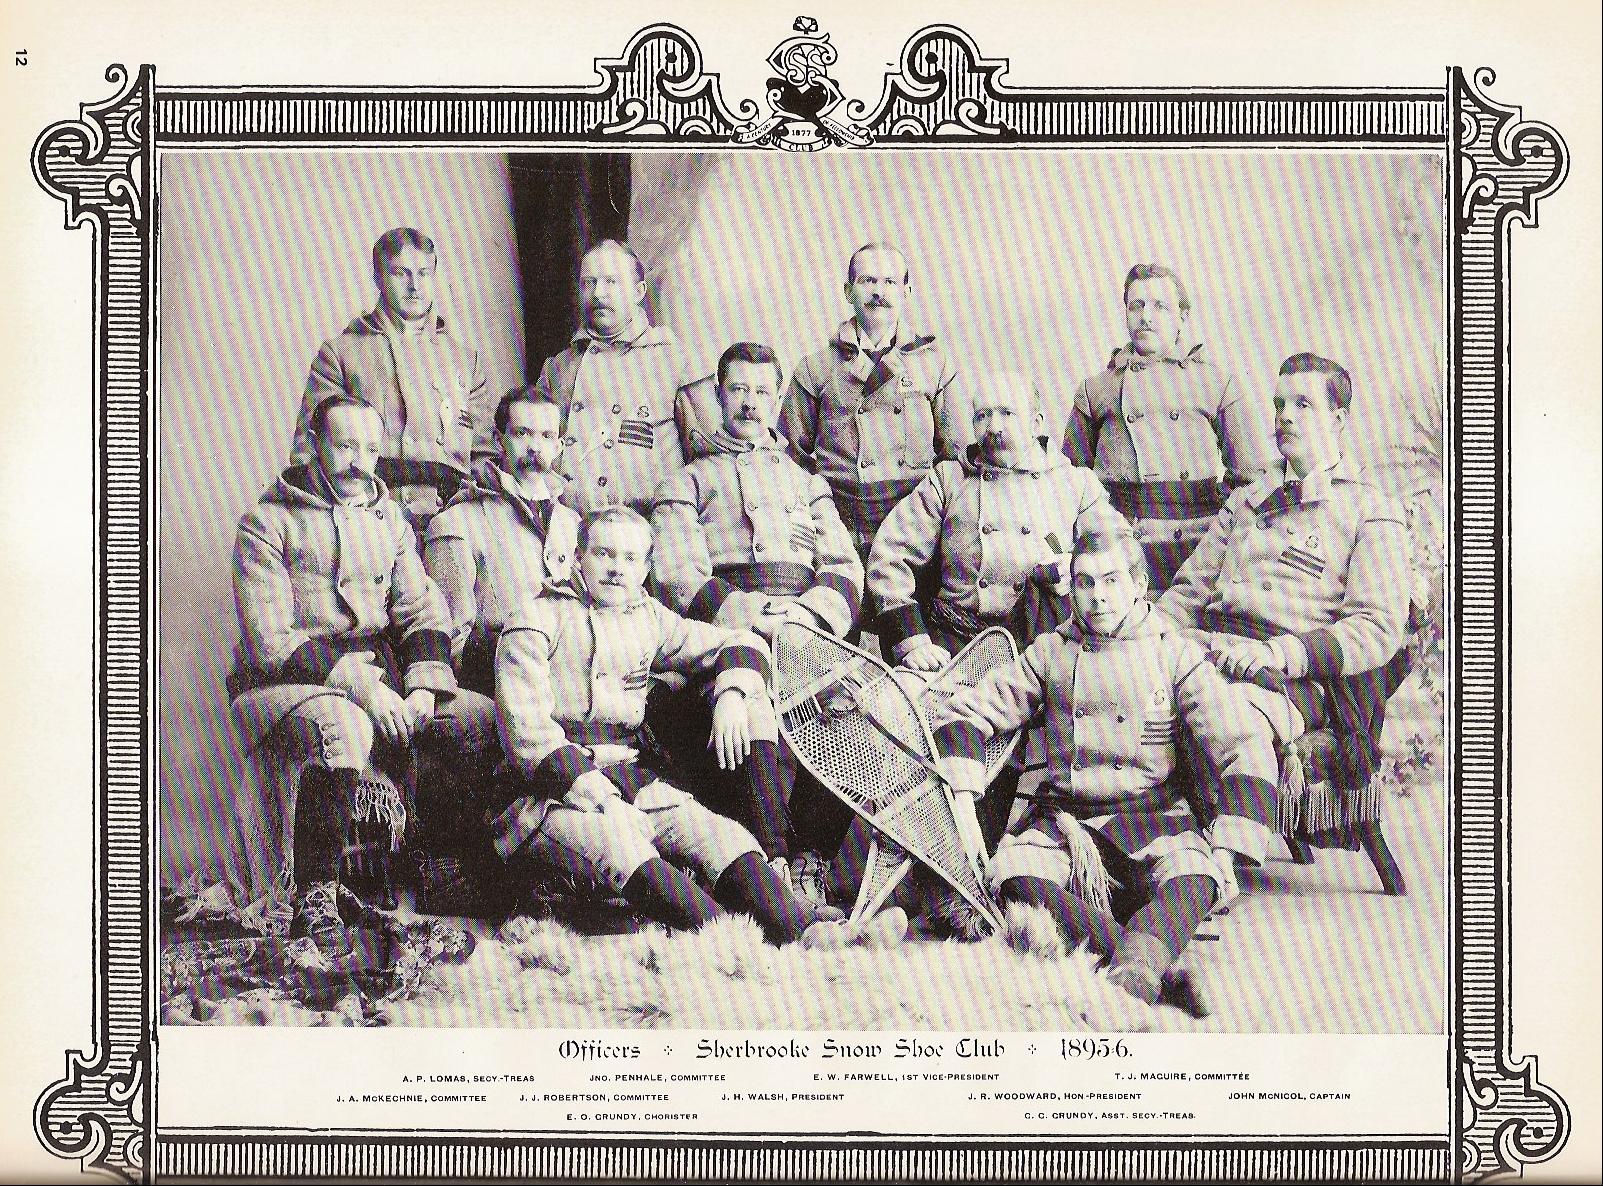 SSSC 1895-06 Executive